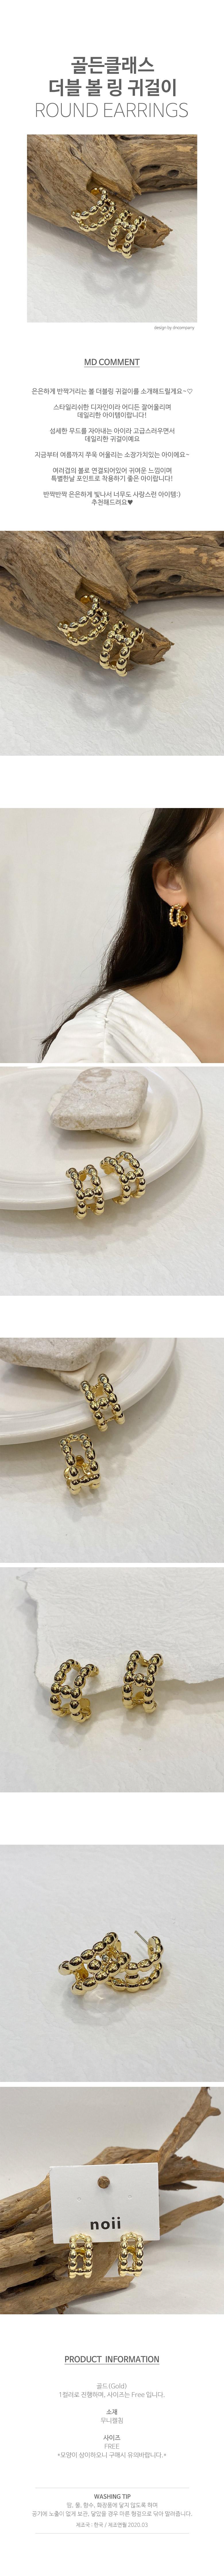 골든클래스 더블 볼 링 귀걸이(acc228) - 드레스날다, 20,800원, 실버, 드롭귀걸이